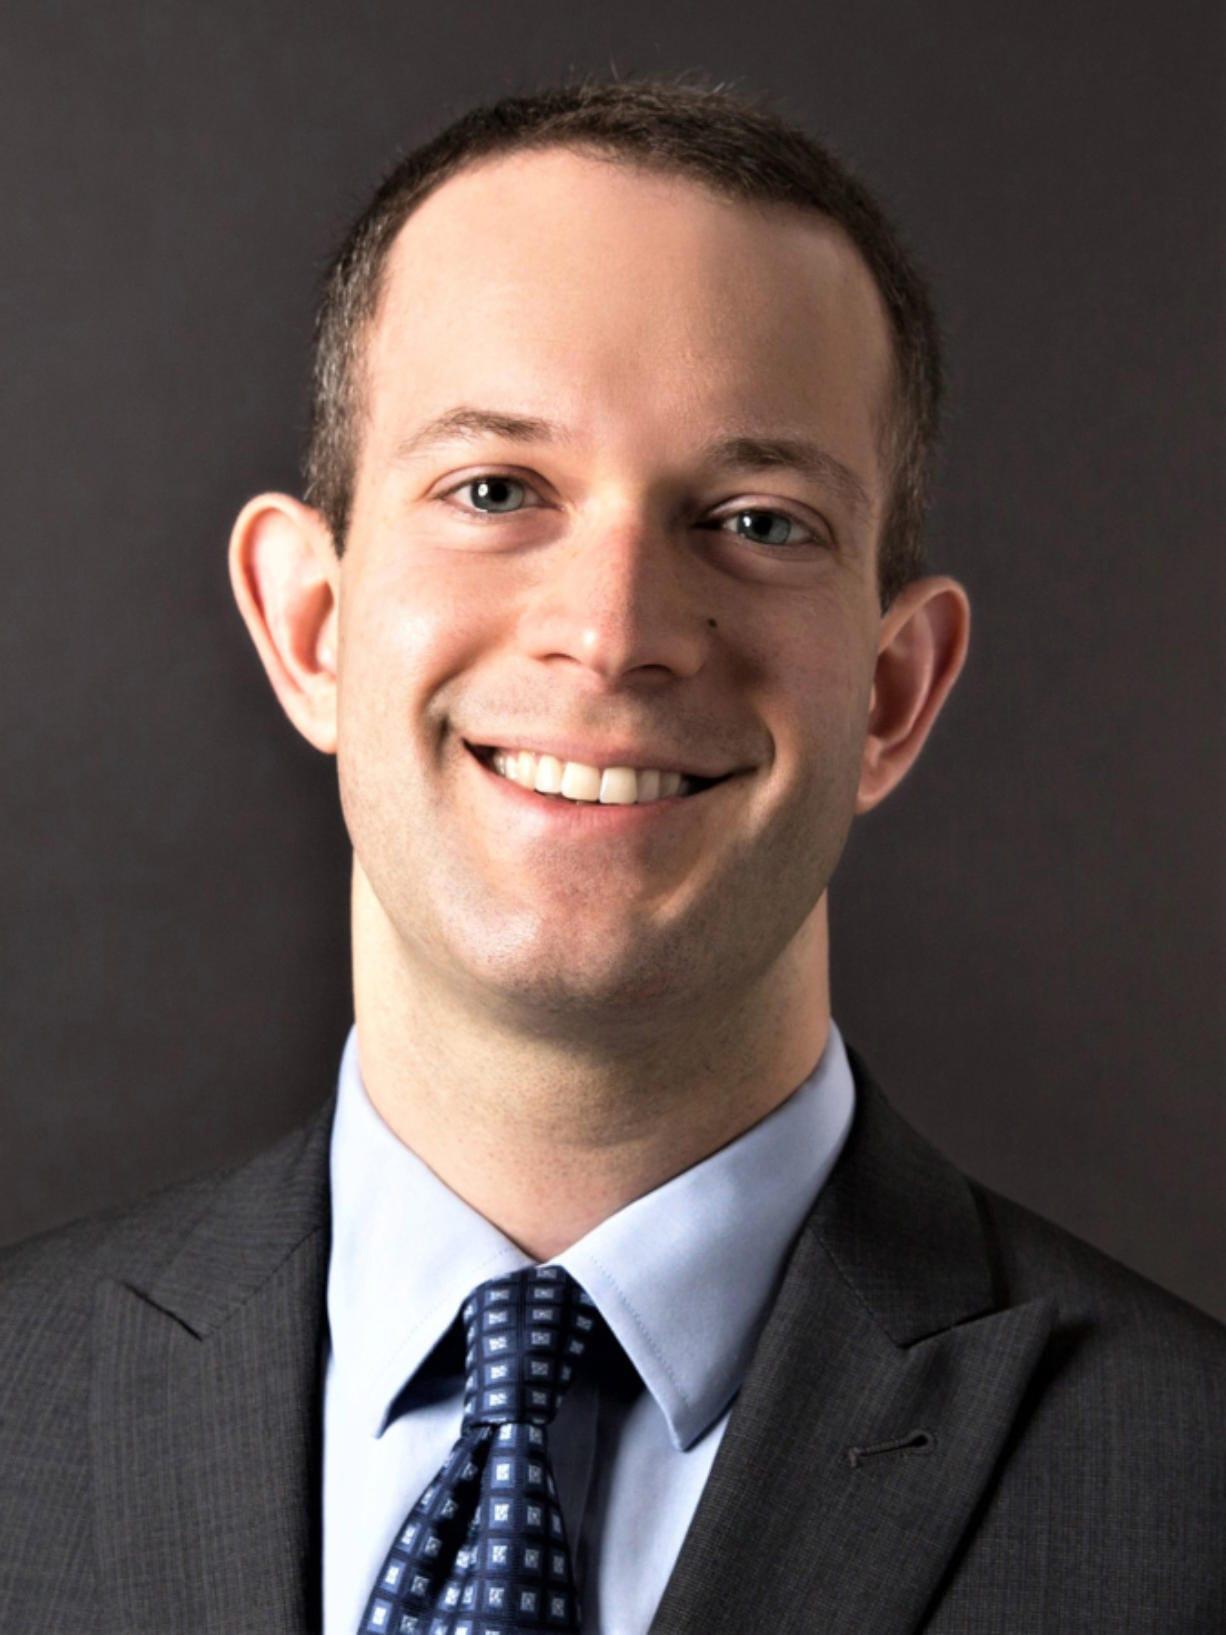 Matthew Bisturis